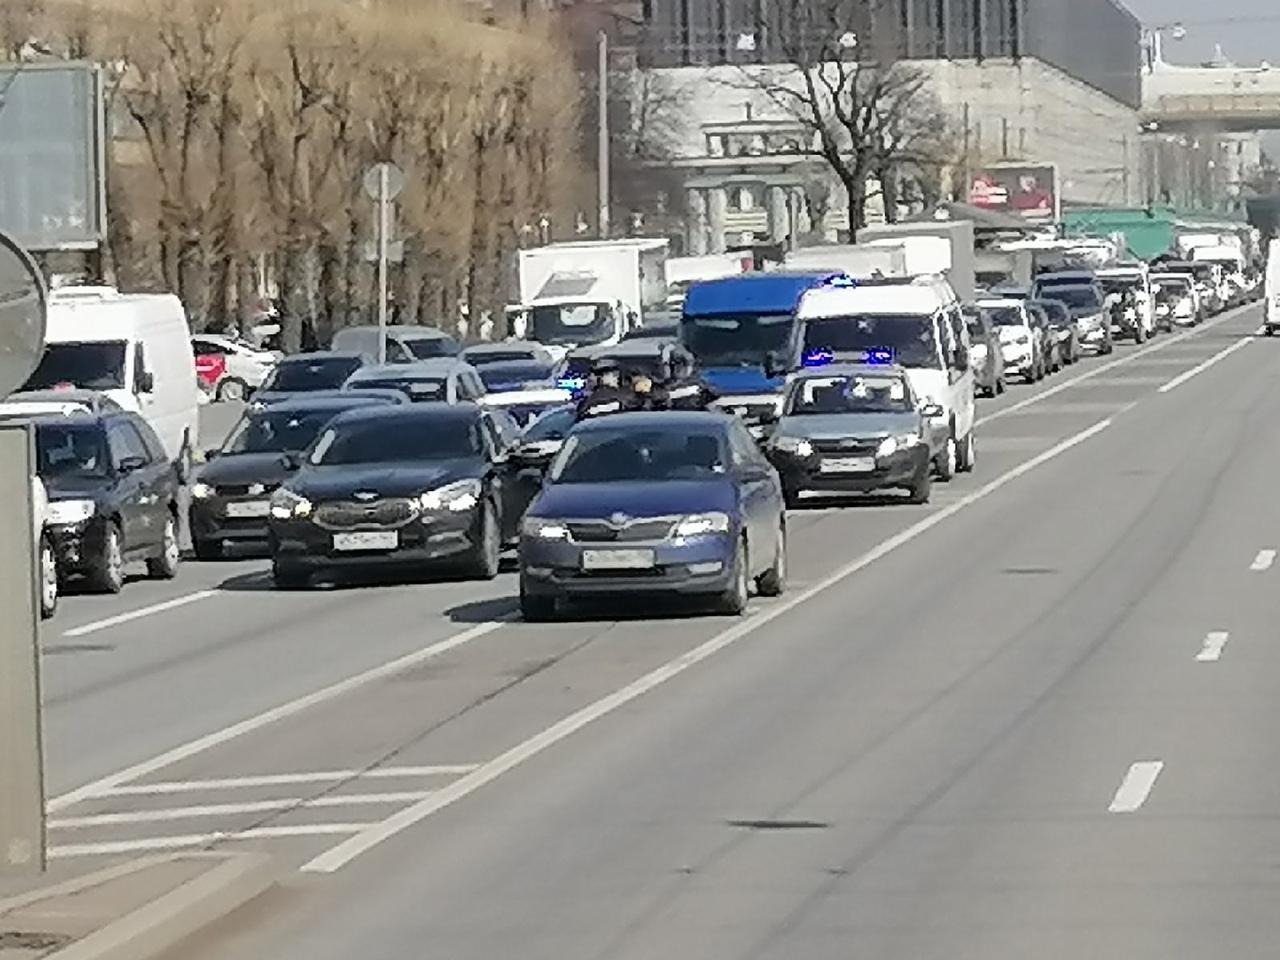 Задержание Киа Кворис двумя патрулями ДПС и 1 Росгвардии около метро Кировский завод после погони за...